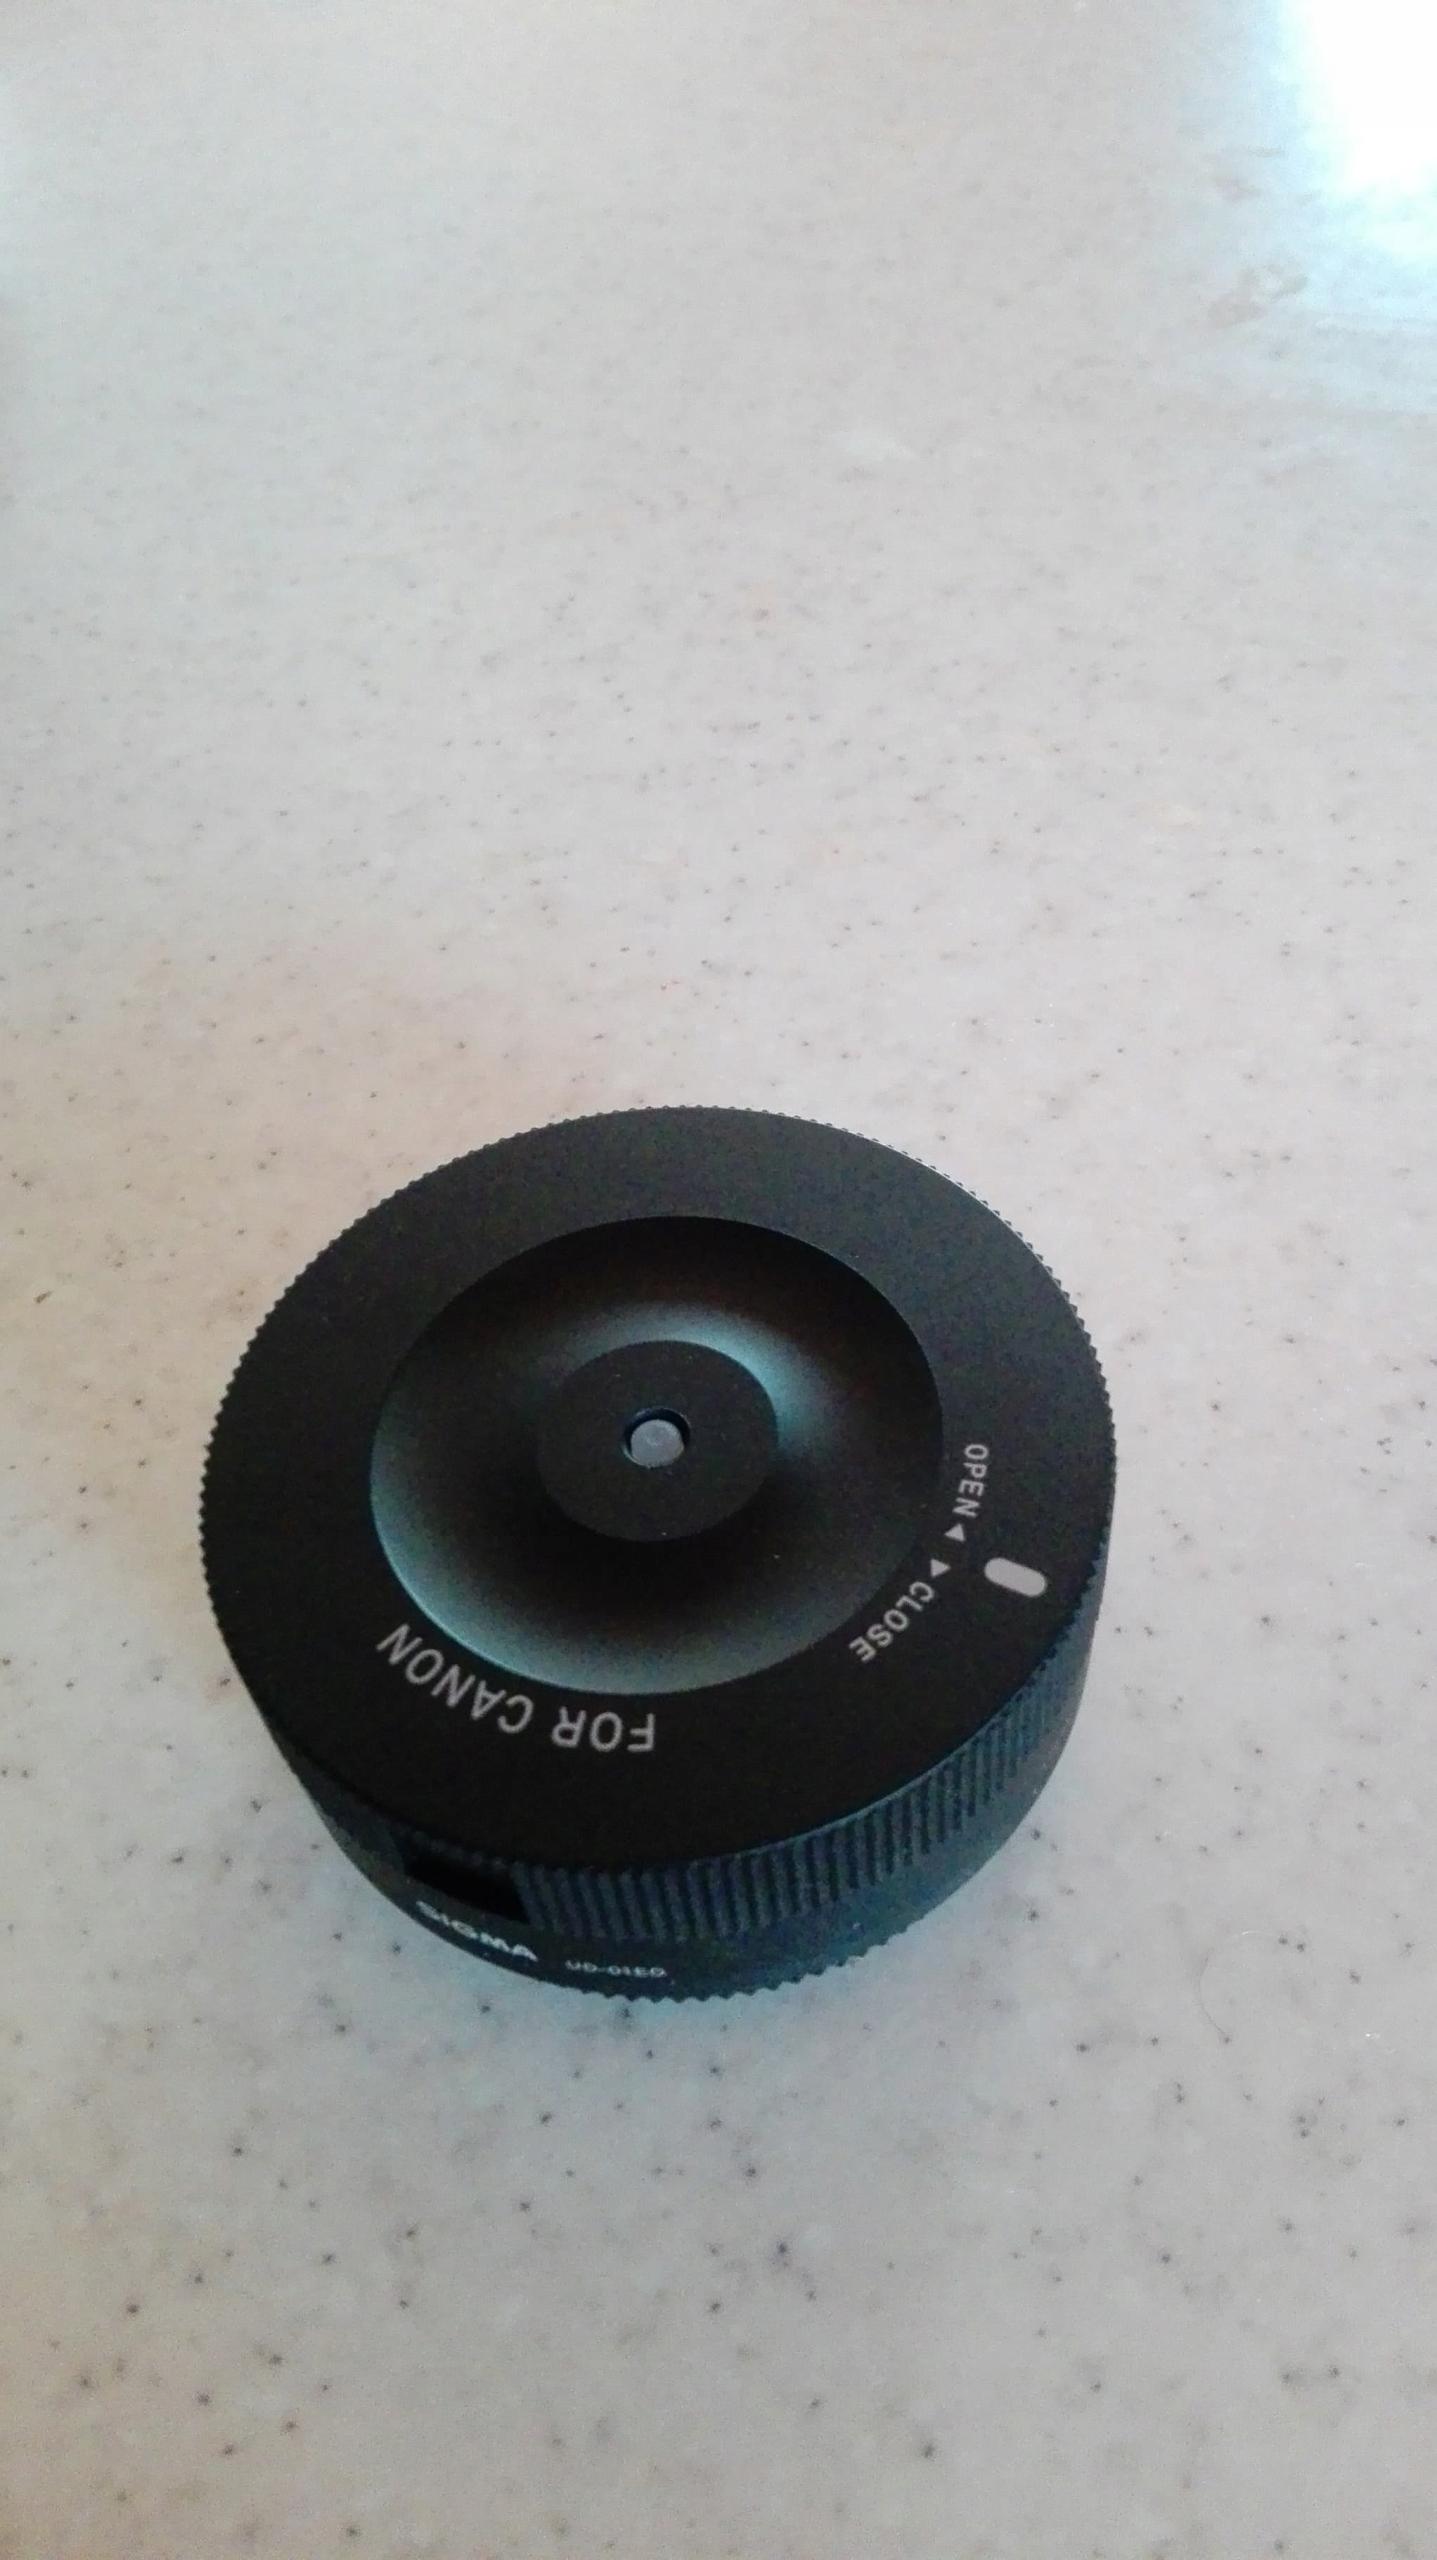 Sigma USB Dock Canon, jak nowy